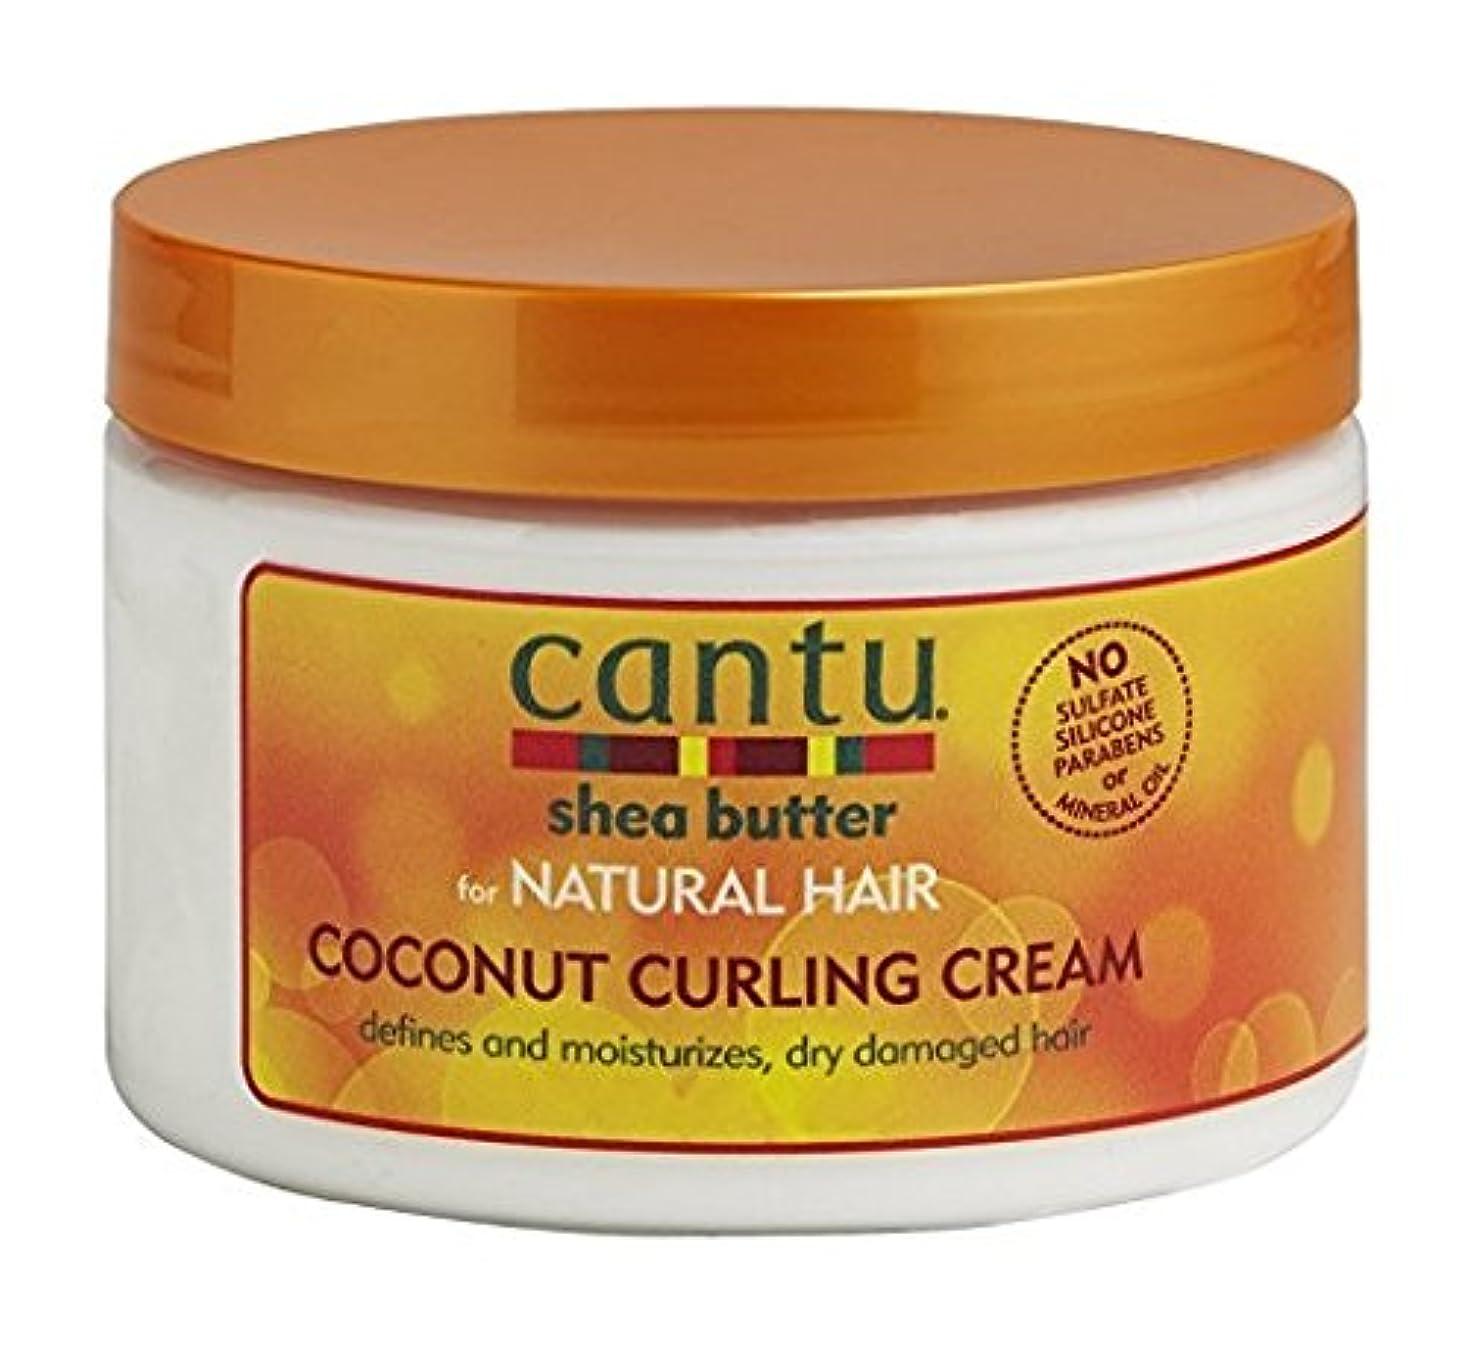 がんばり続ける鼓舞するを除くCantu Shea Butter for Natural Hair Coconut Curling Cream 340g